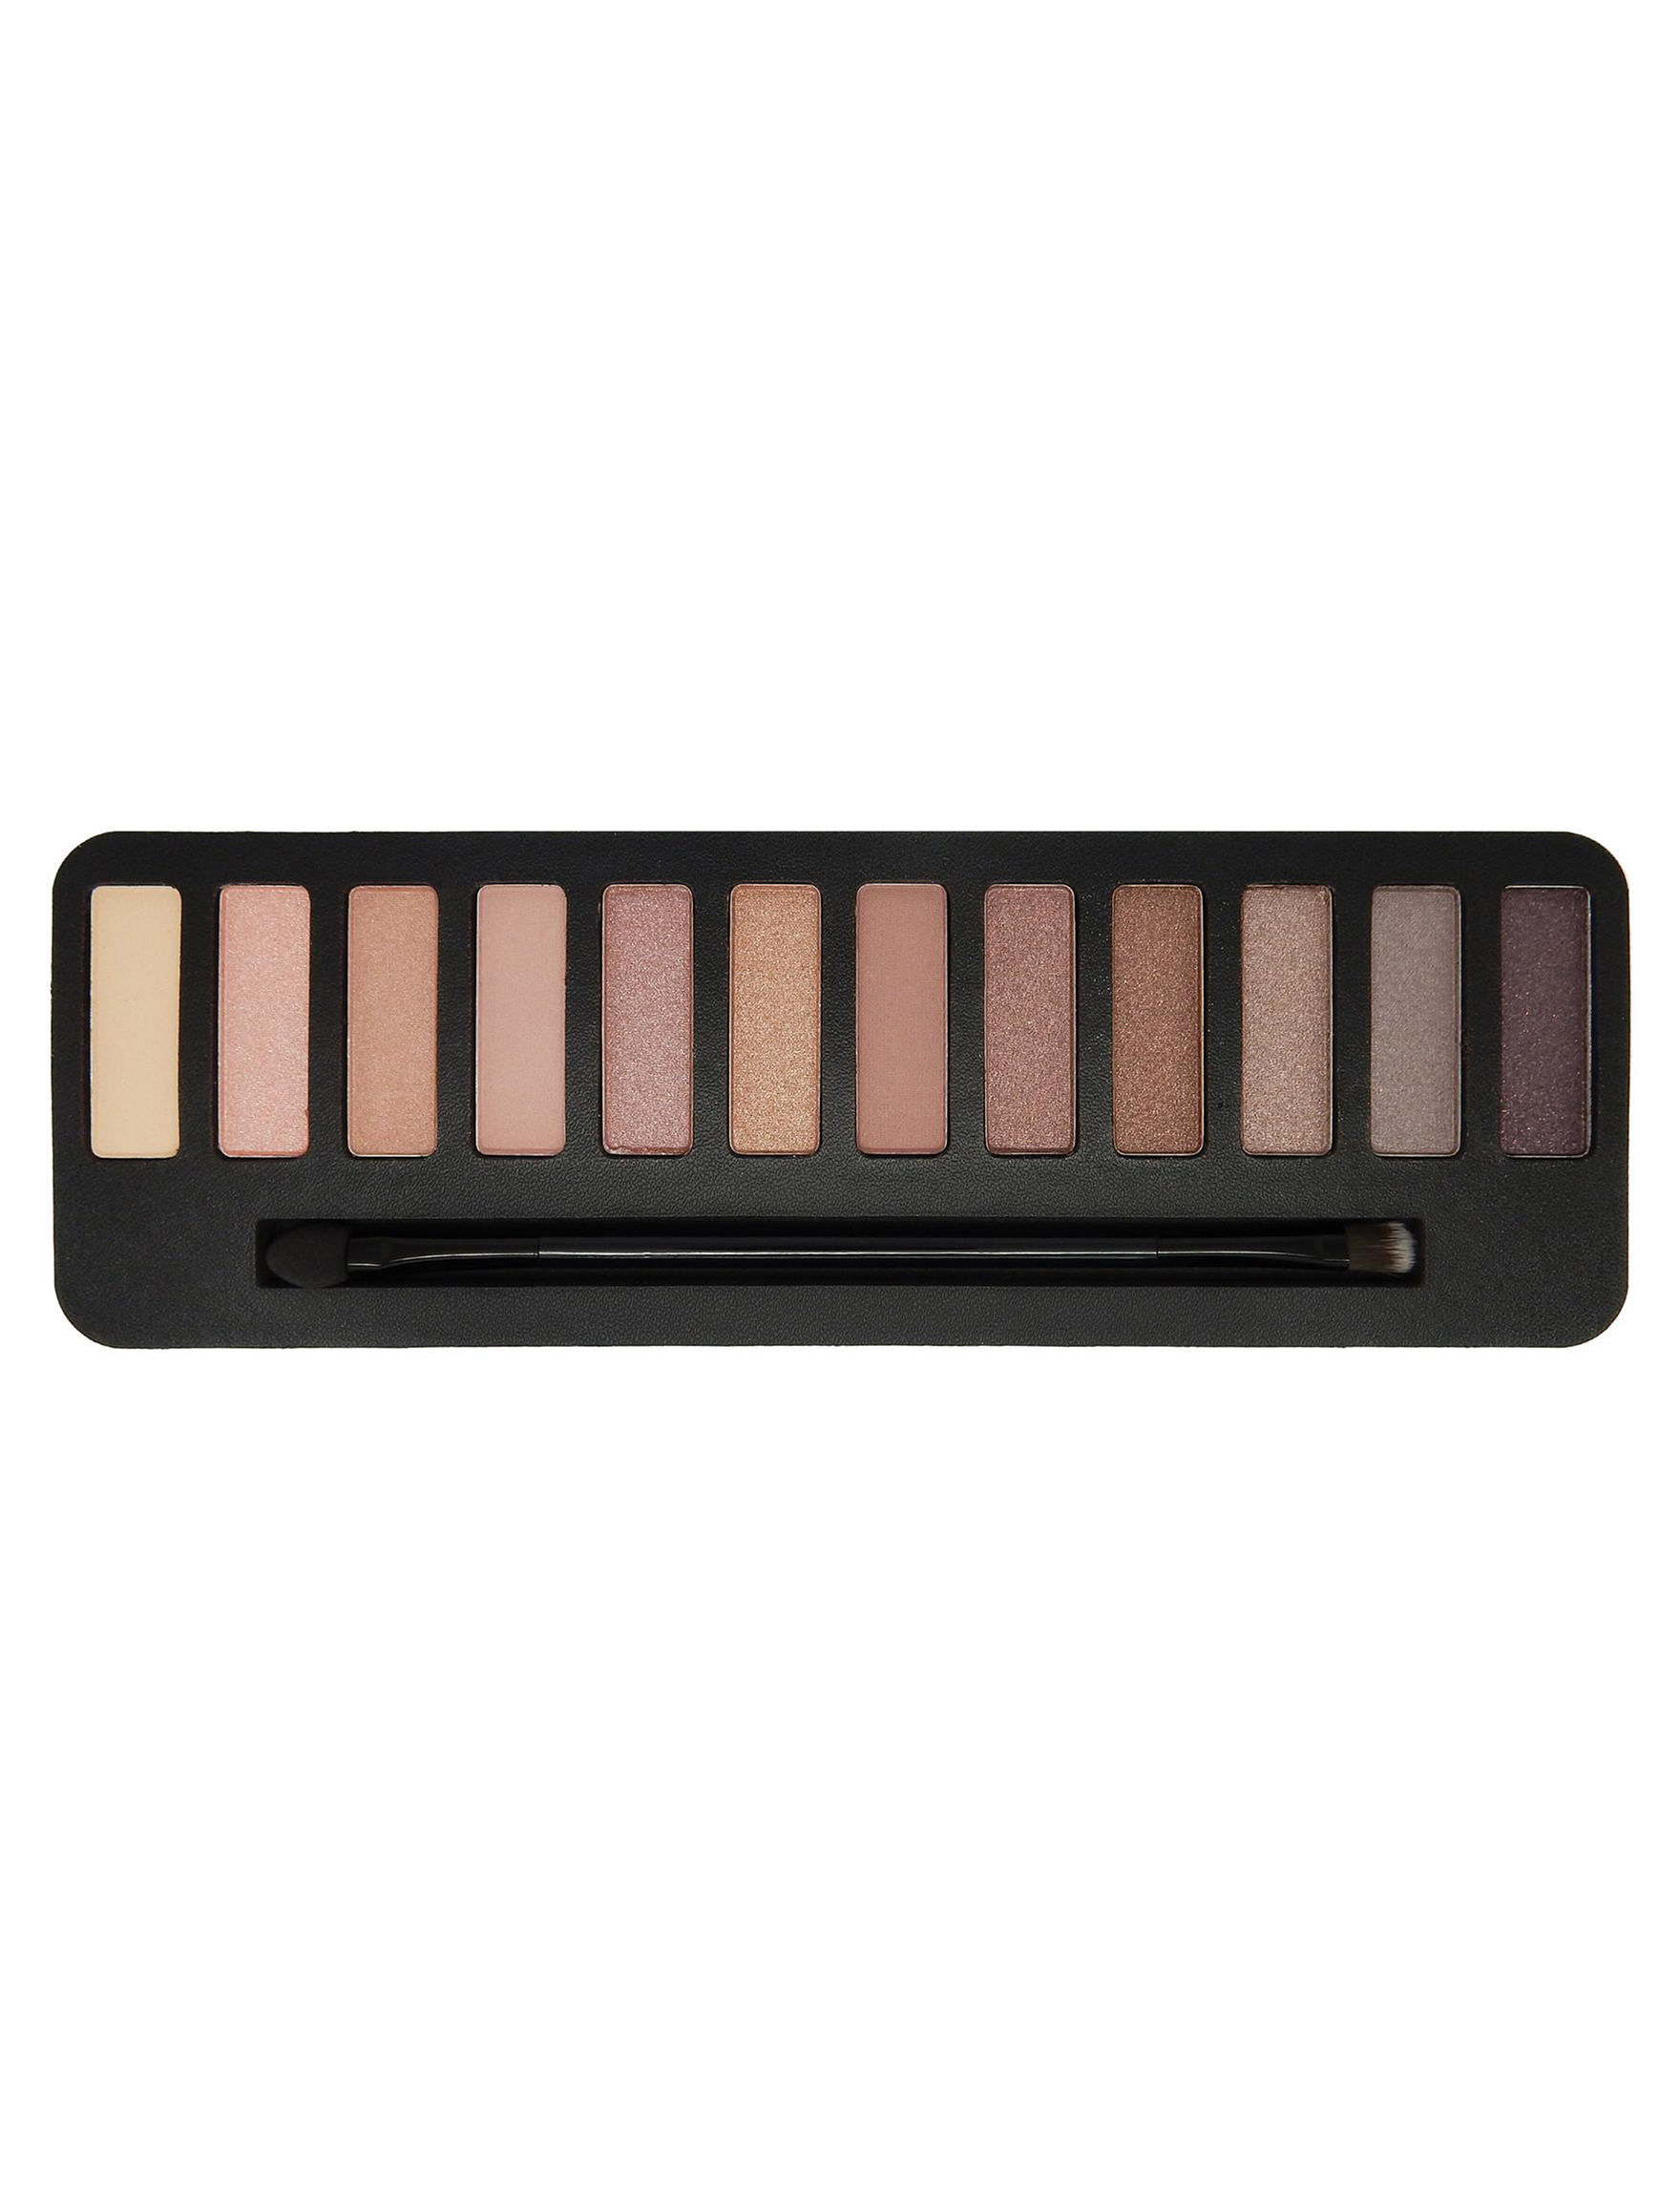 W7 Cosmetics  Eyes Sets & Palettes Eye Shadow